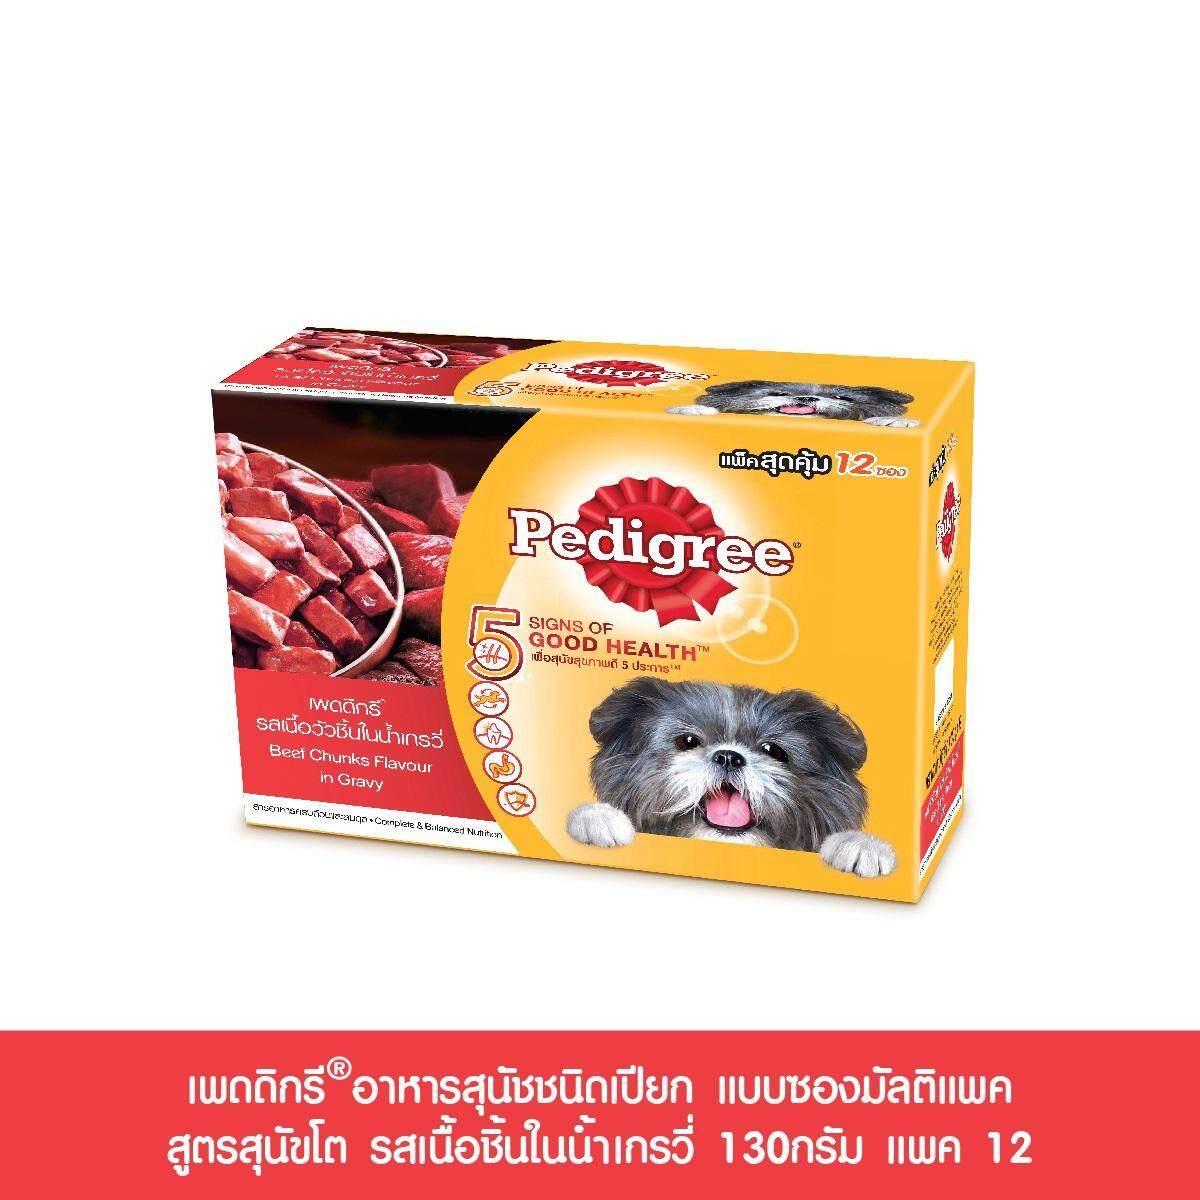 เพดดิกรี อาหารสุนัชชนิดเปียก แบบซองมัลติแพค สูตรสุนัขโต รสเนื้อชิ้นในน้ำเกรวี่ 130กรัม แพค 12.